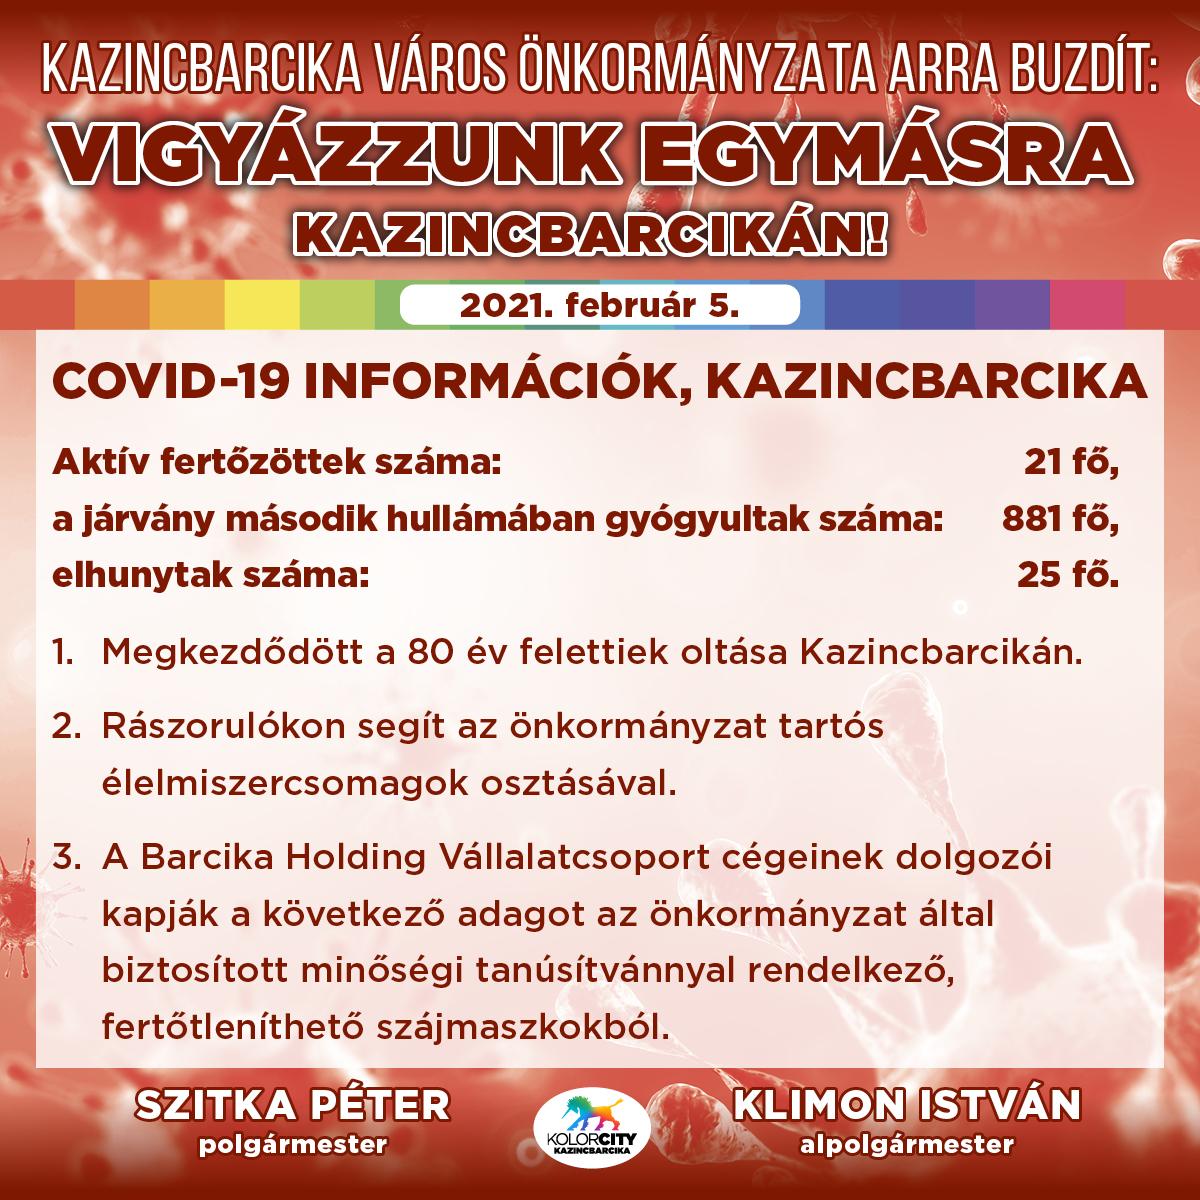 https://kolorline.hu/Vigyázzunk egymásra Kazincbarcikán! – 2021. február 5.